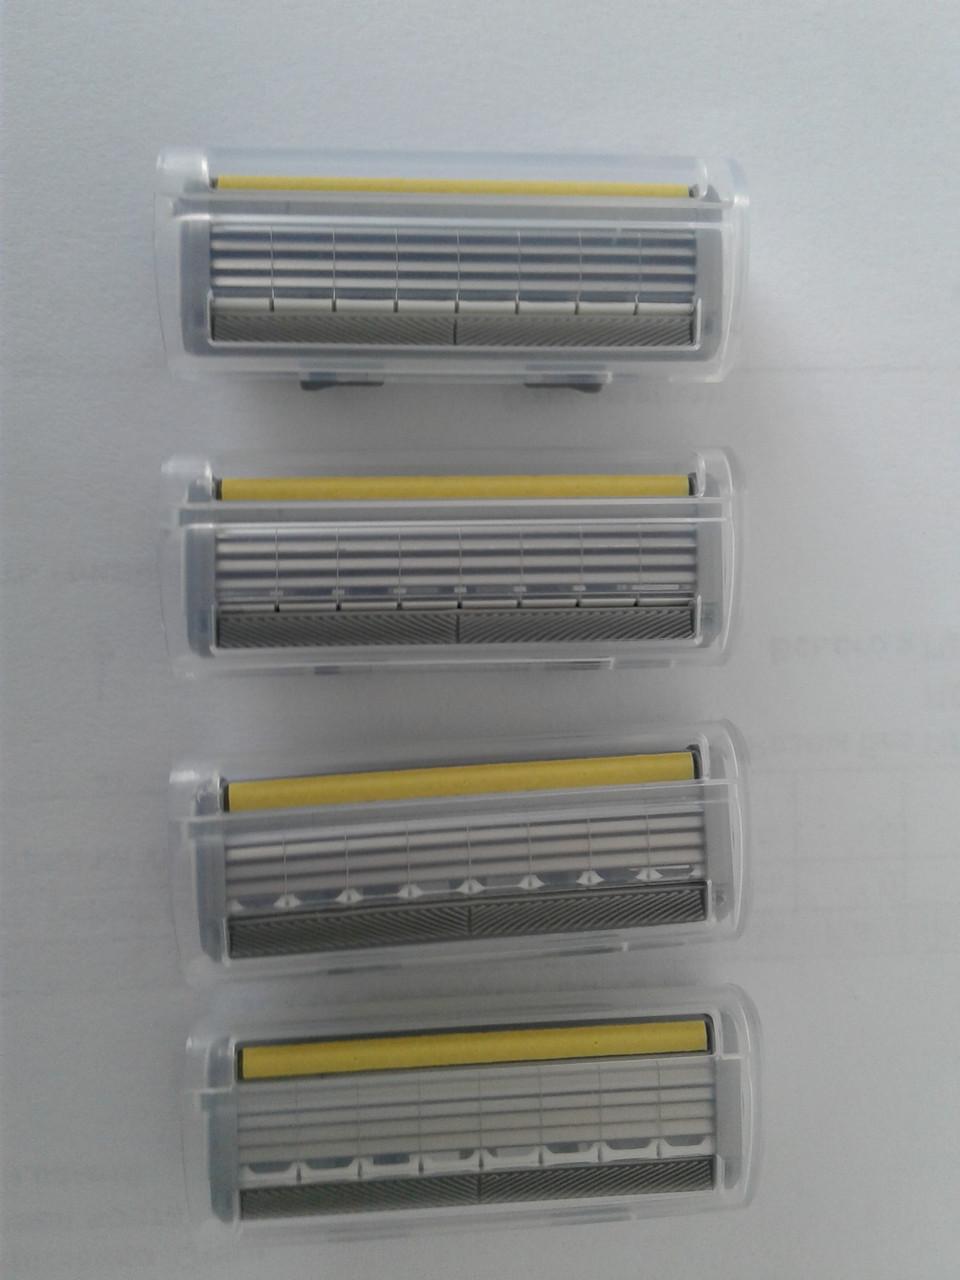 """Кассеты мужские для бритья Wilkinson (Schick) Quattro (4) titanium sensitive 4 шт. (Шик Титаниум) Оригинал - Интернет магазин """"БЕЗФАБУЛЫ"""" в Хмельницком"""